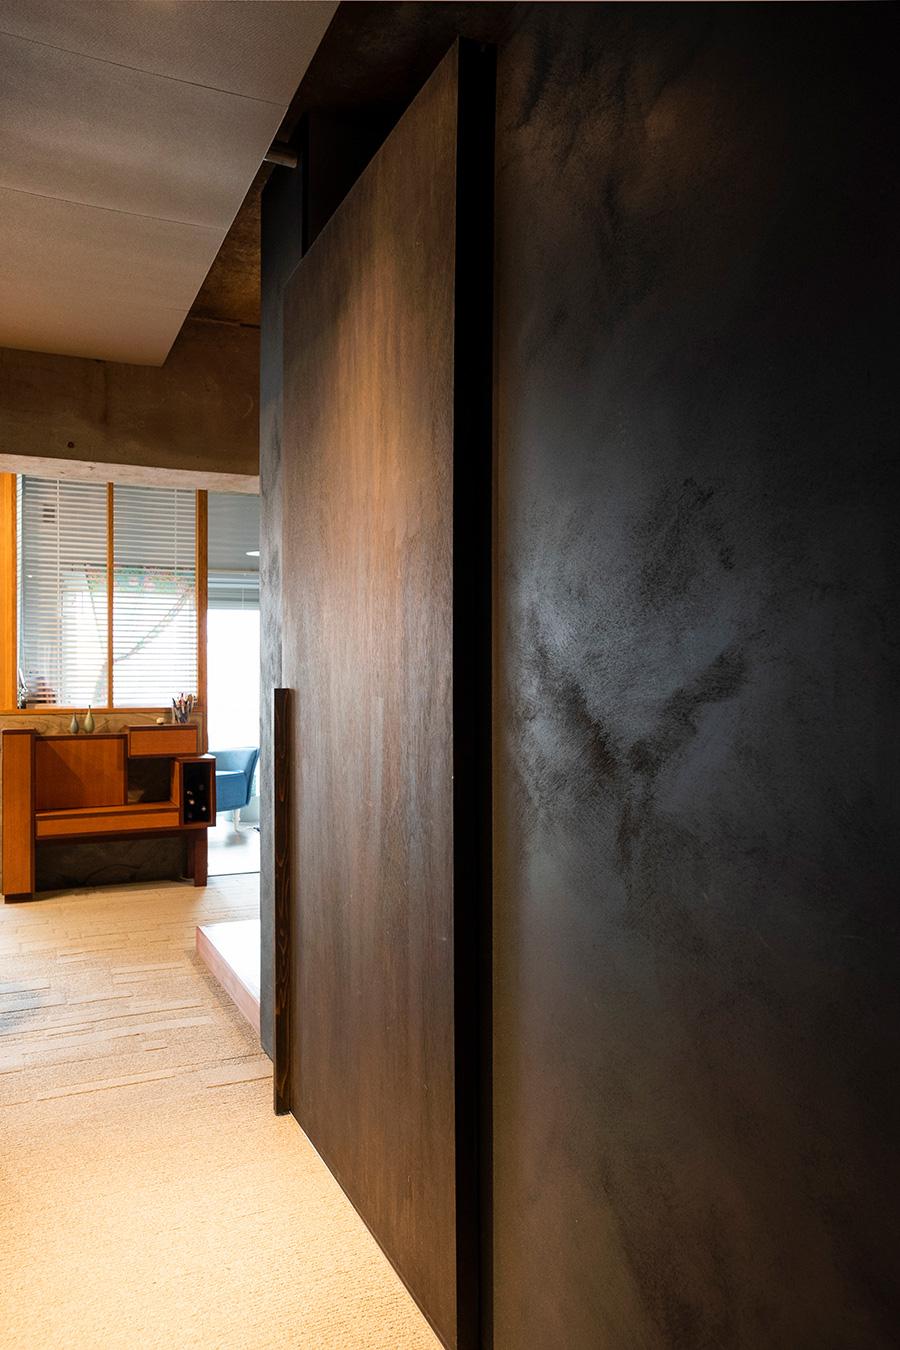 ムラのある黒い塗装が光を反射。天井の吸音材には、遮音に加え配管を隠す目的が。